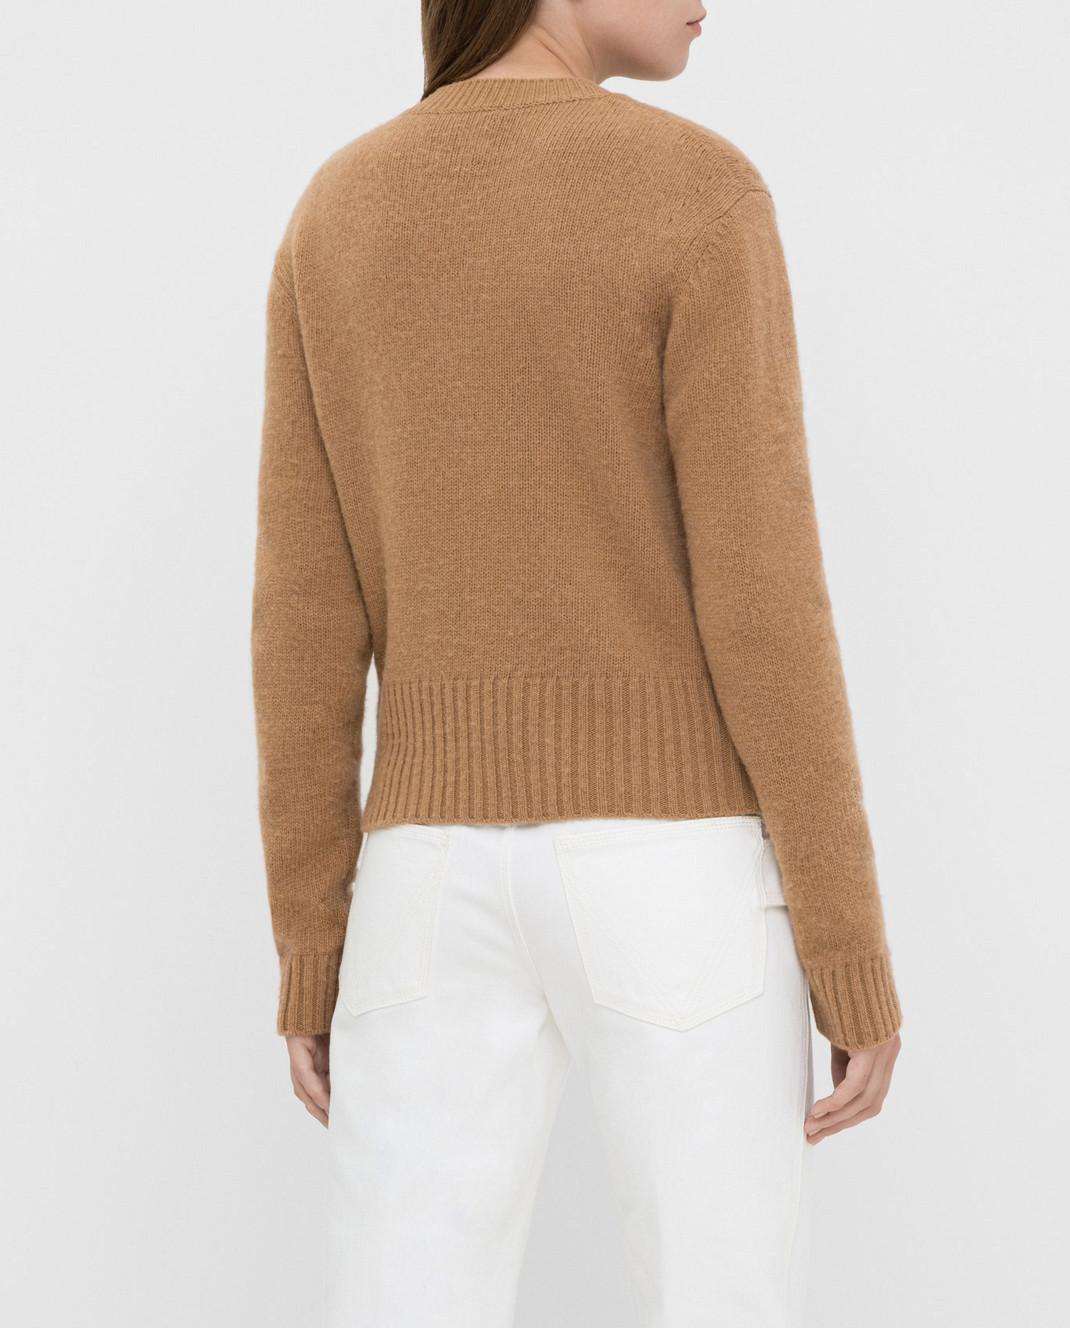 Bottega Veneta Бежевый свитер из шерсти изображение 4